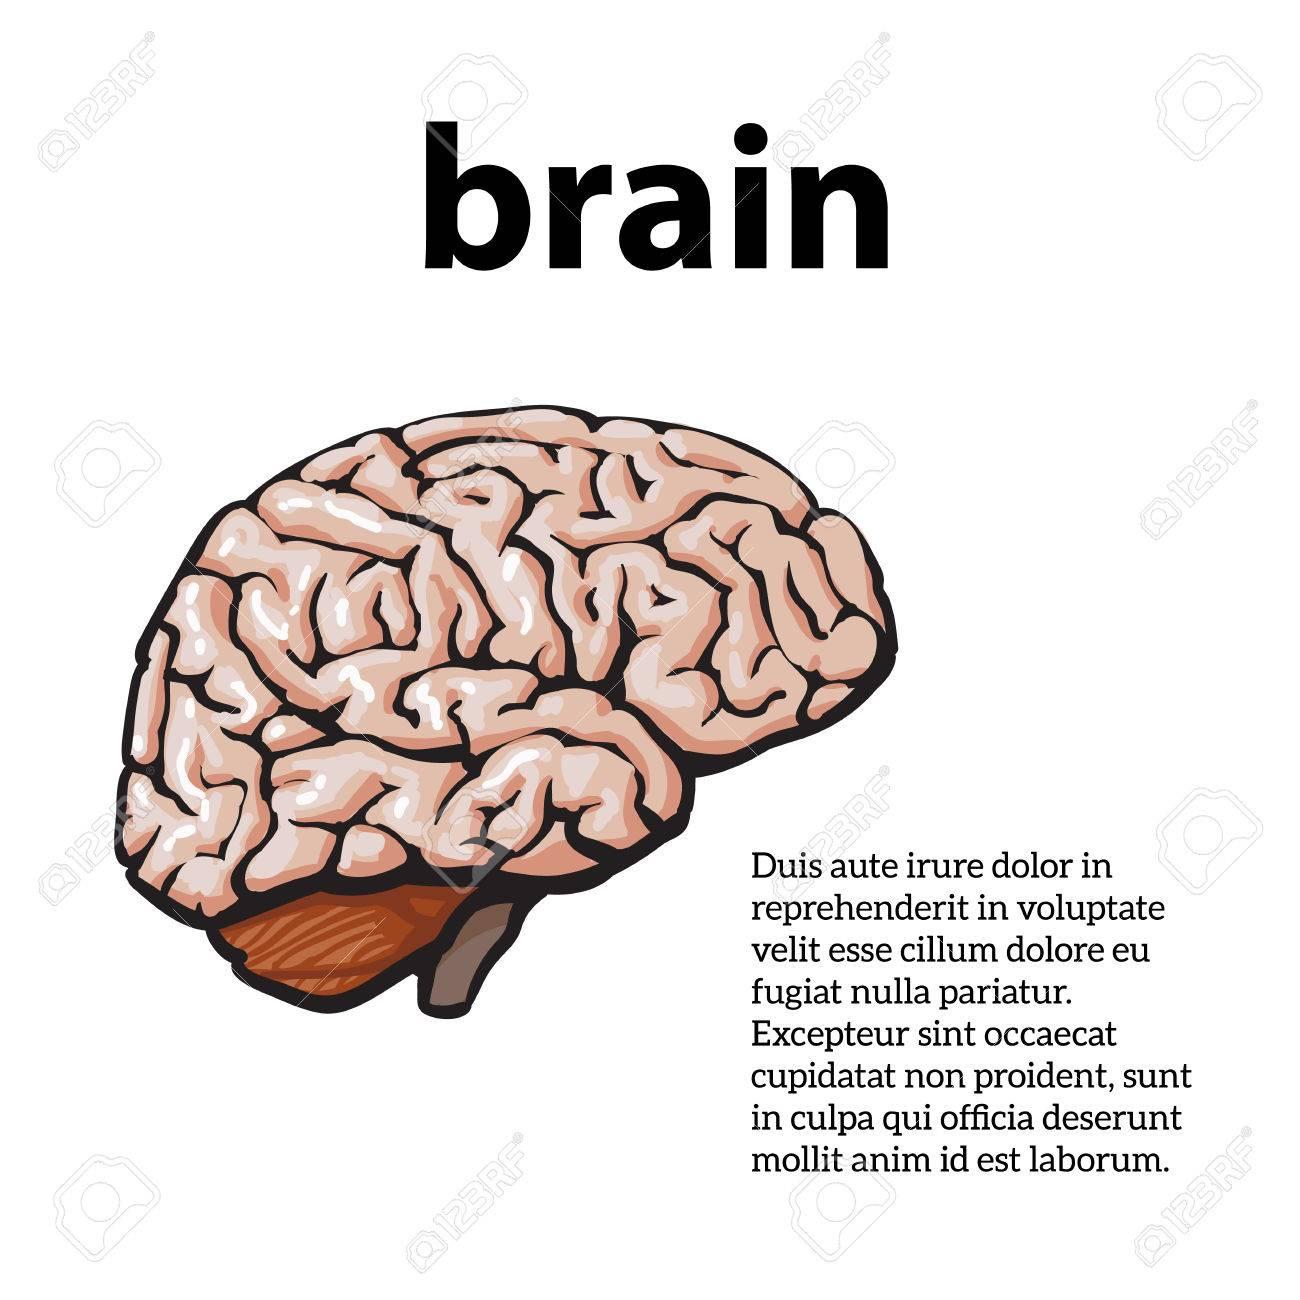 Cerebro Humano, Ilustración Dibujo De Un Cerebro Aislado En Un Fondo ...